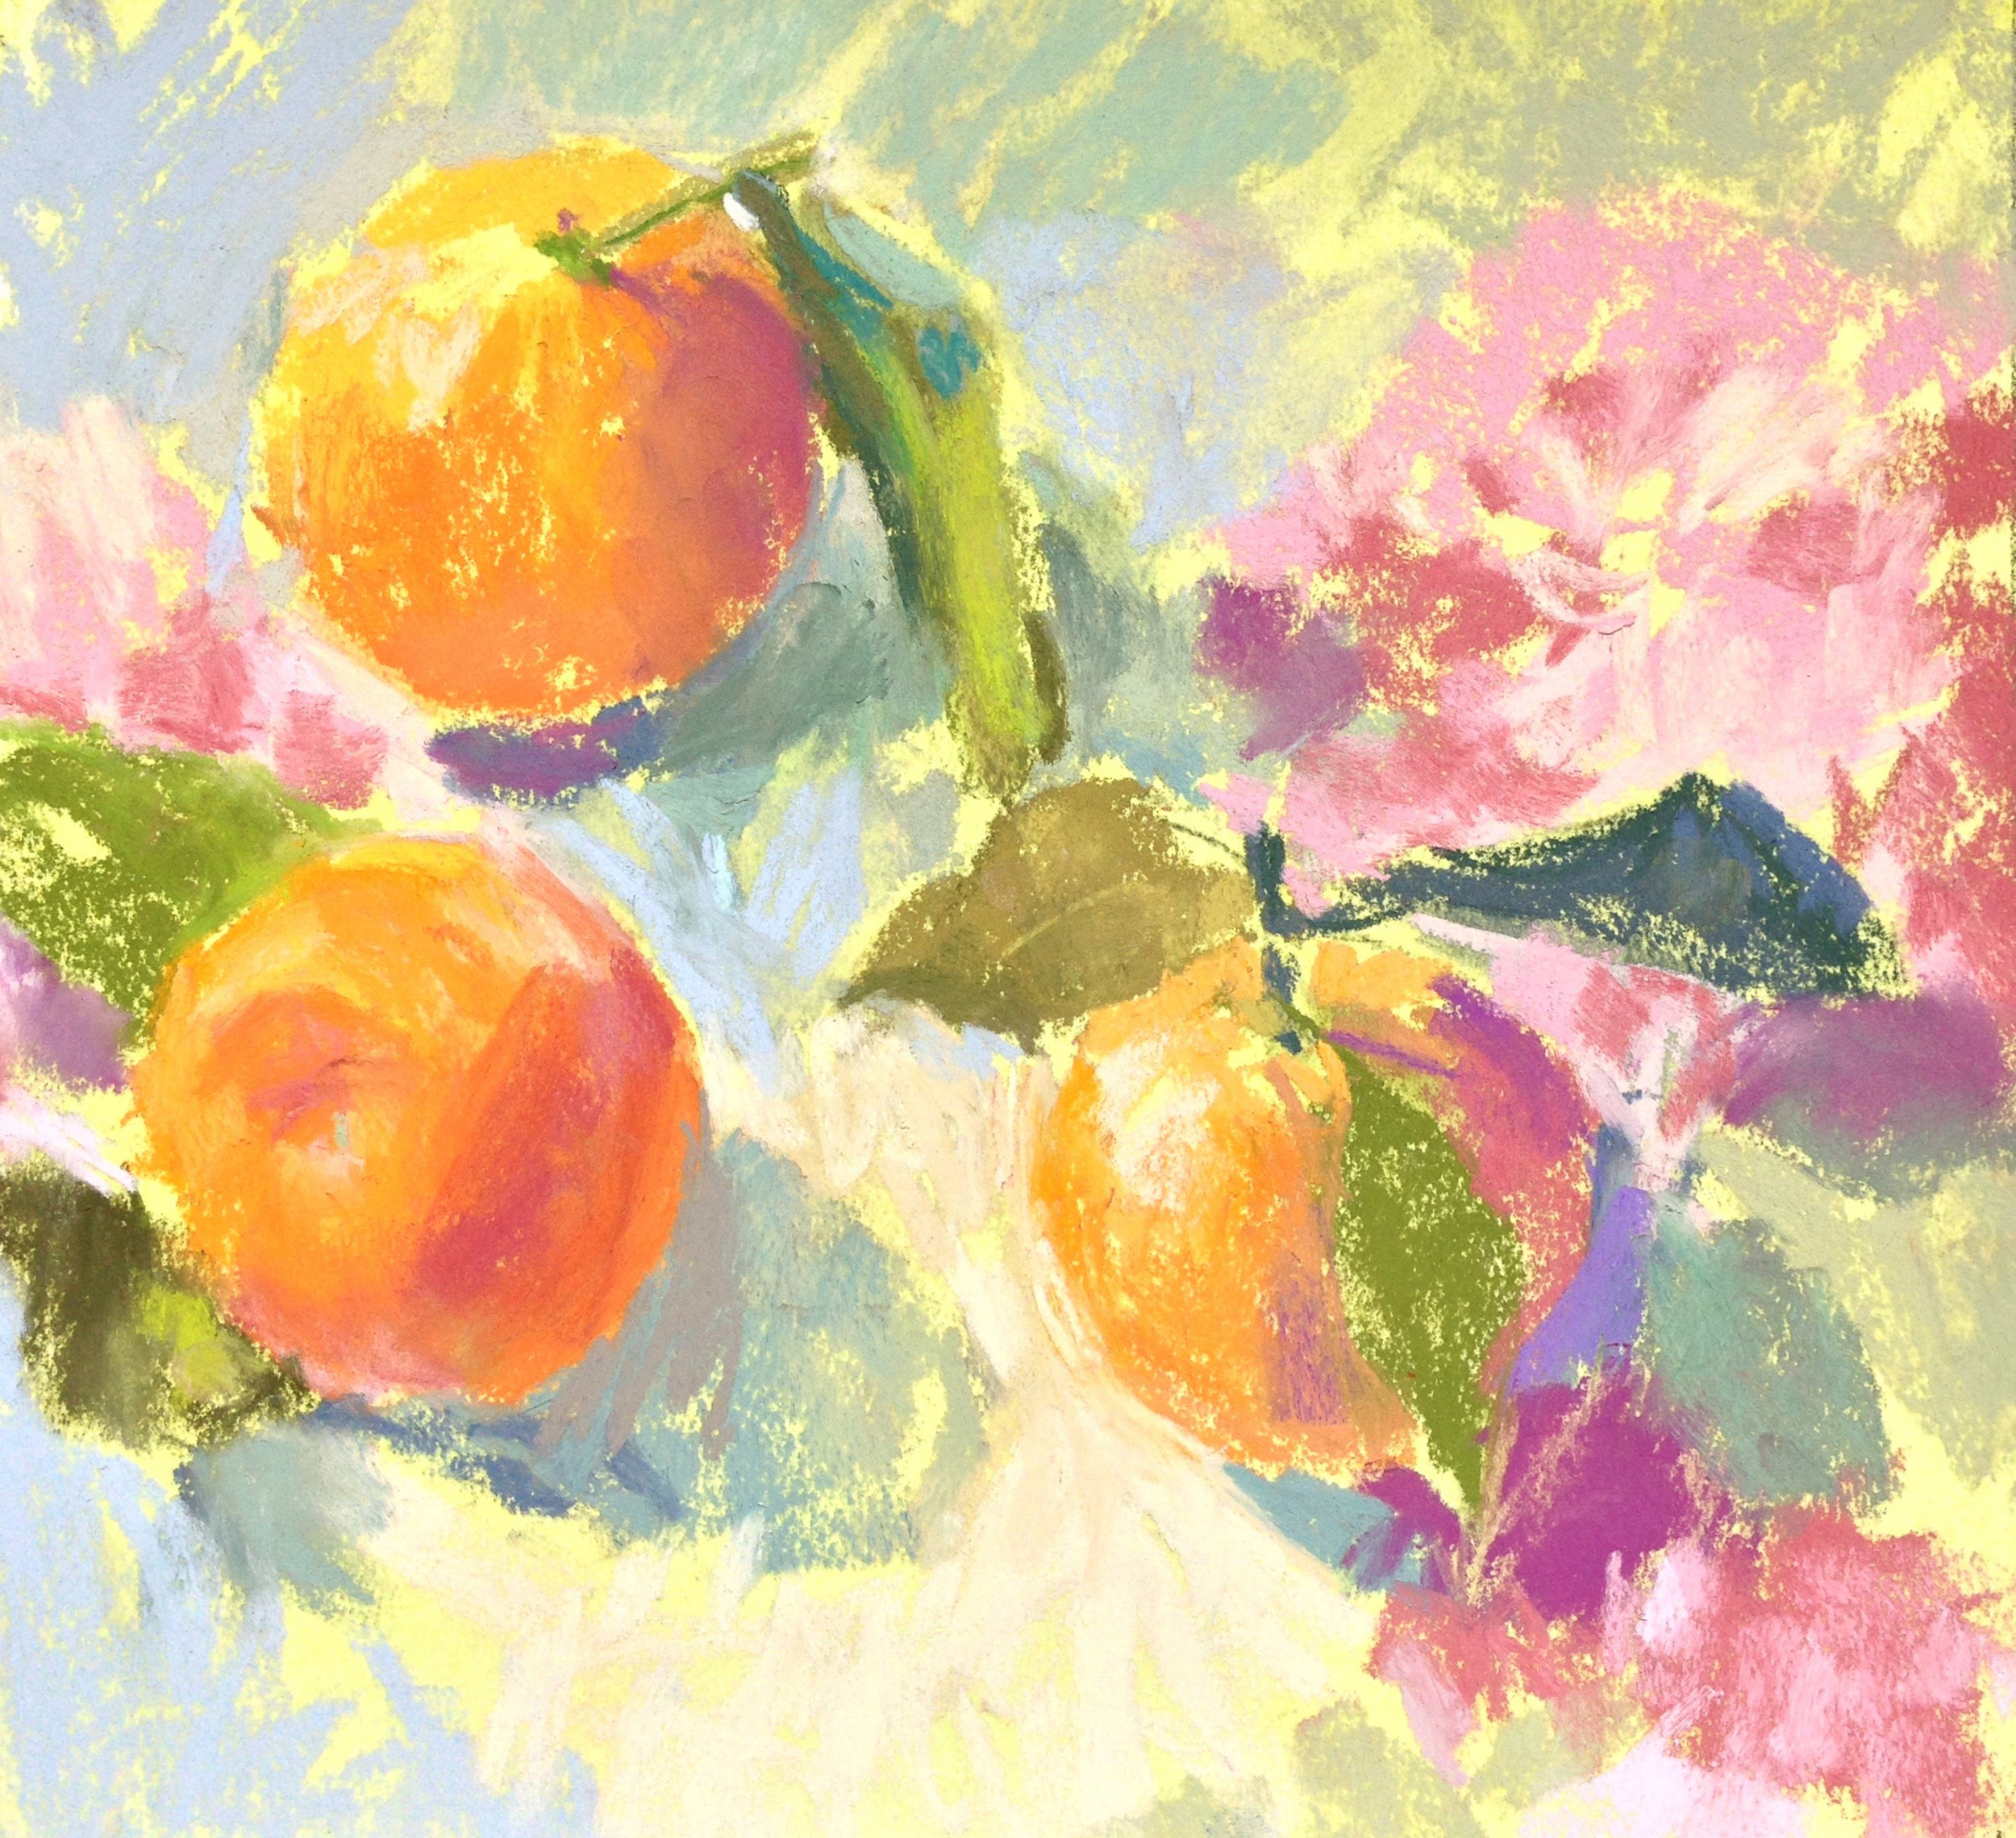 Citrus Series, Jan 30